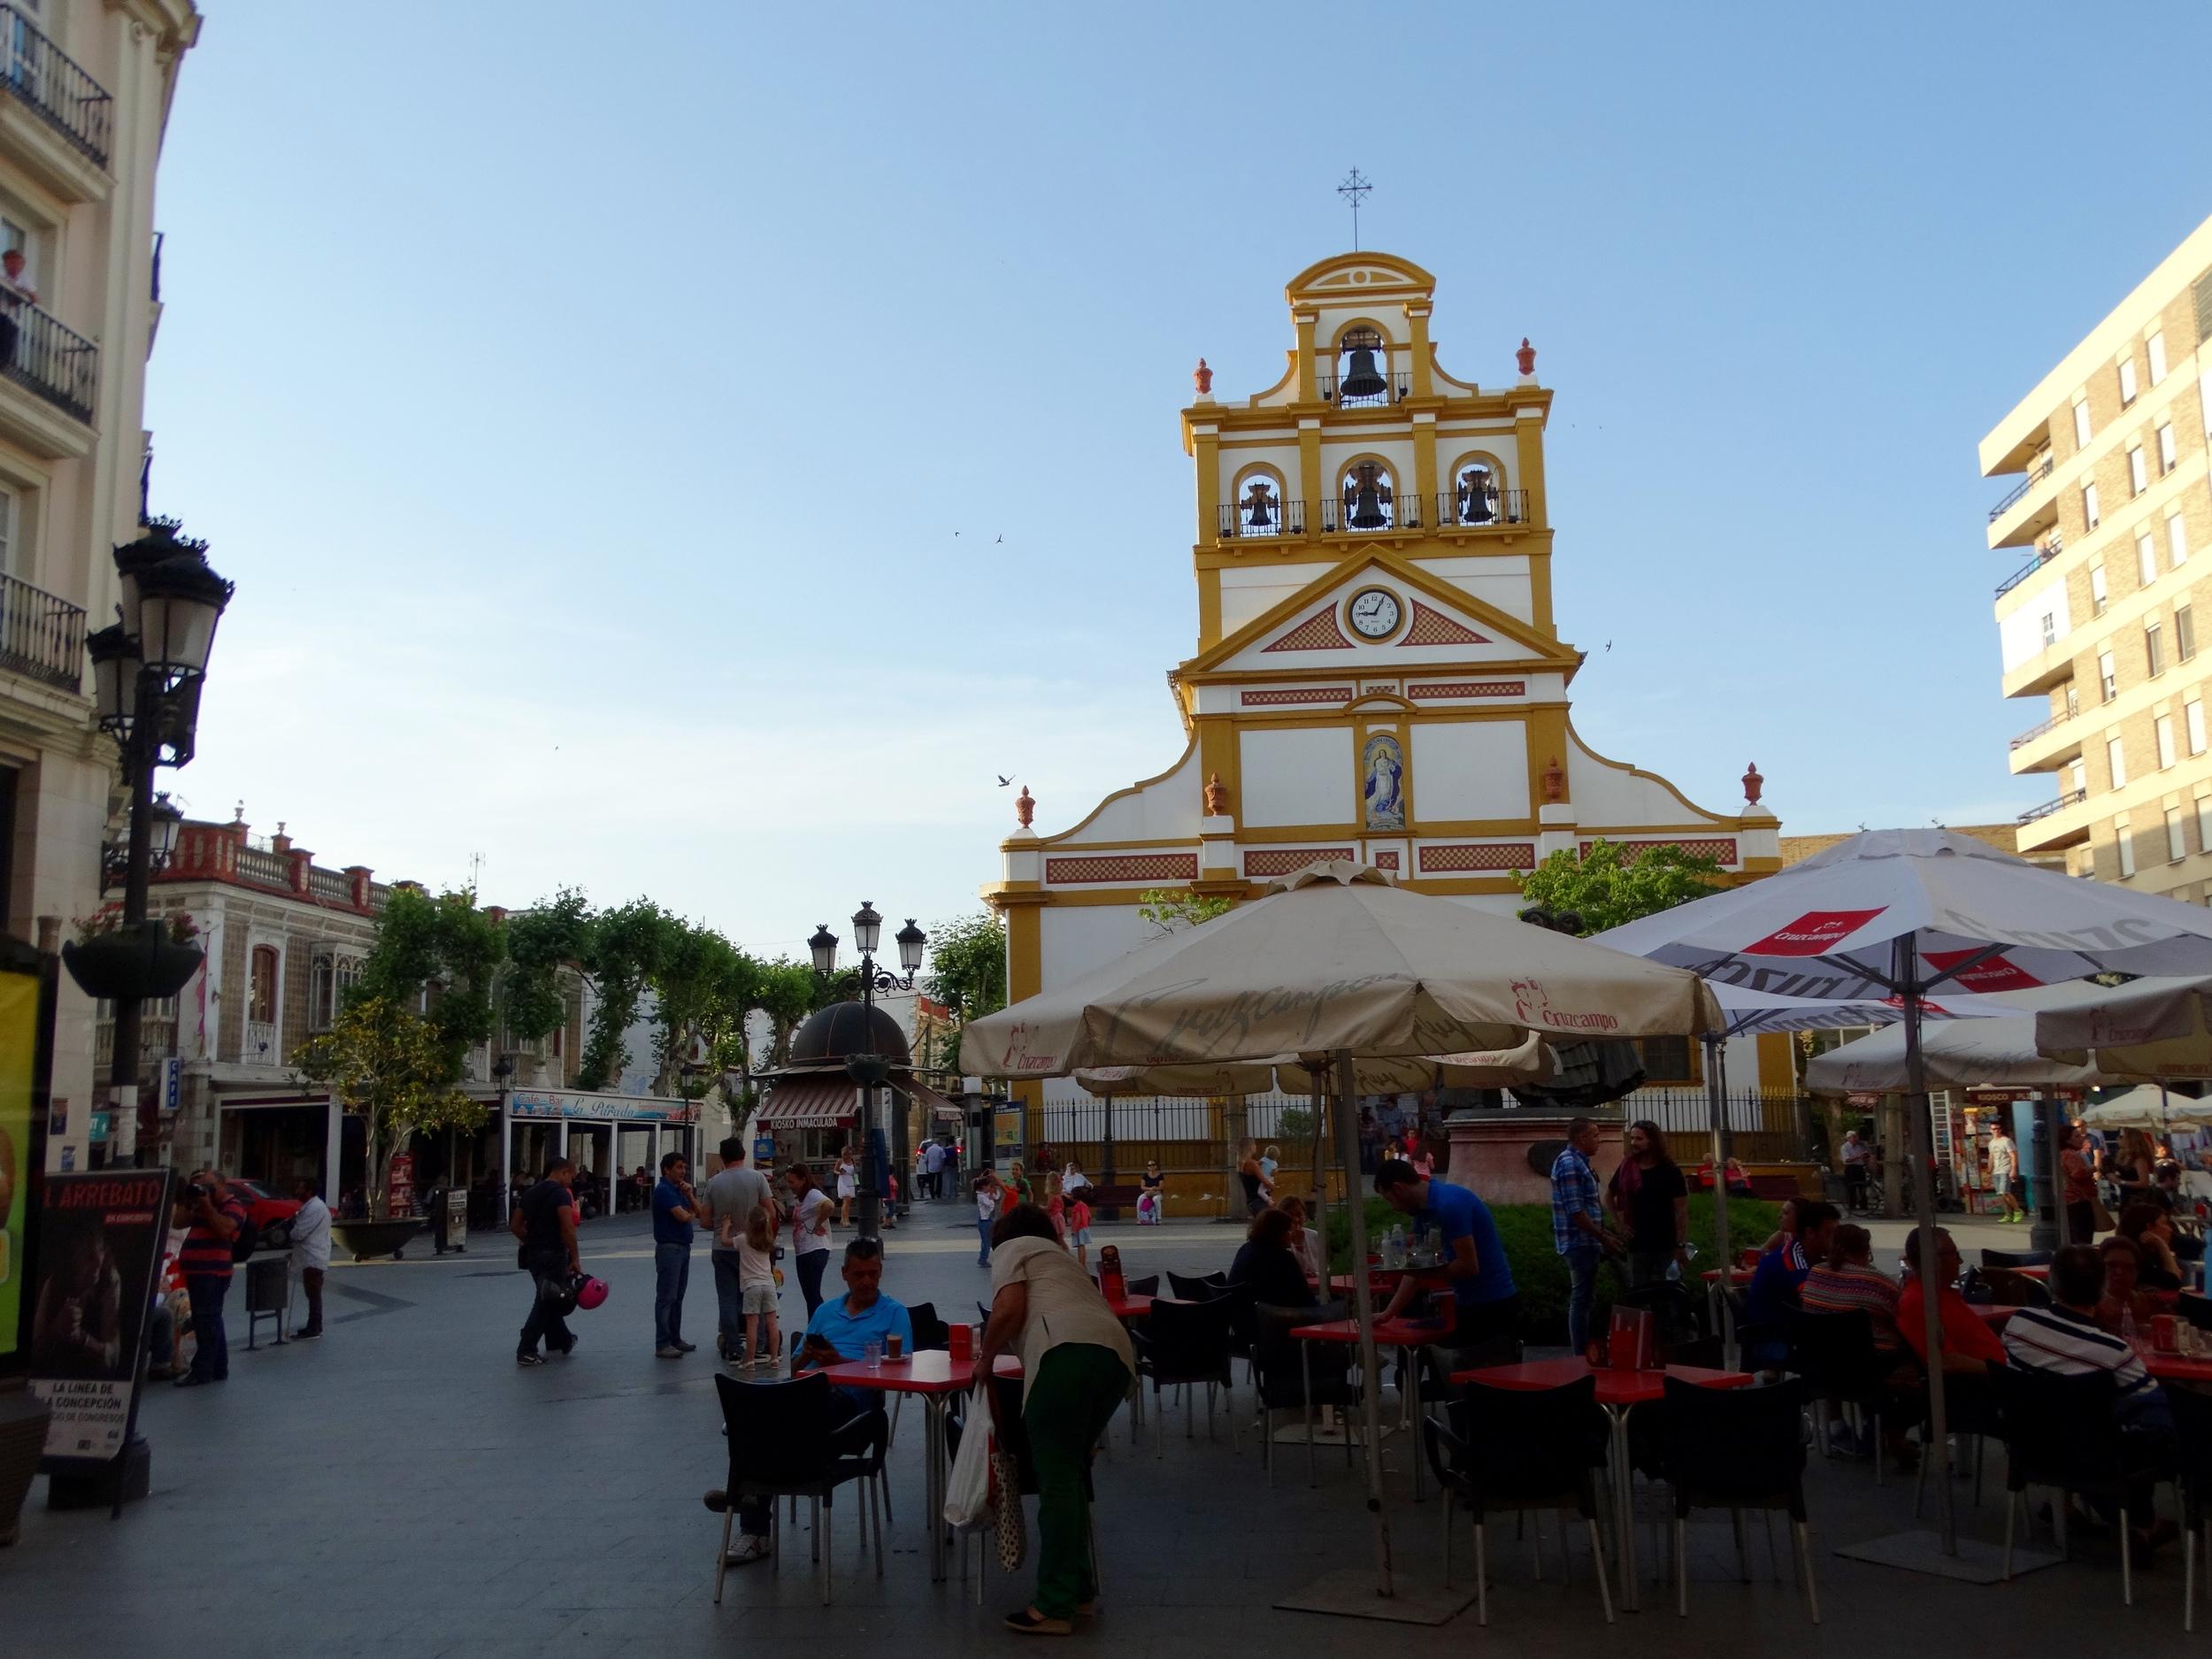 La Linea's church